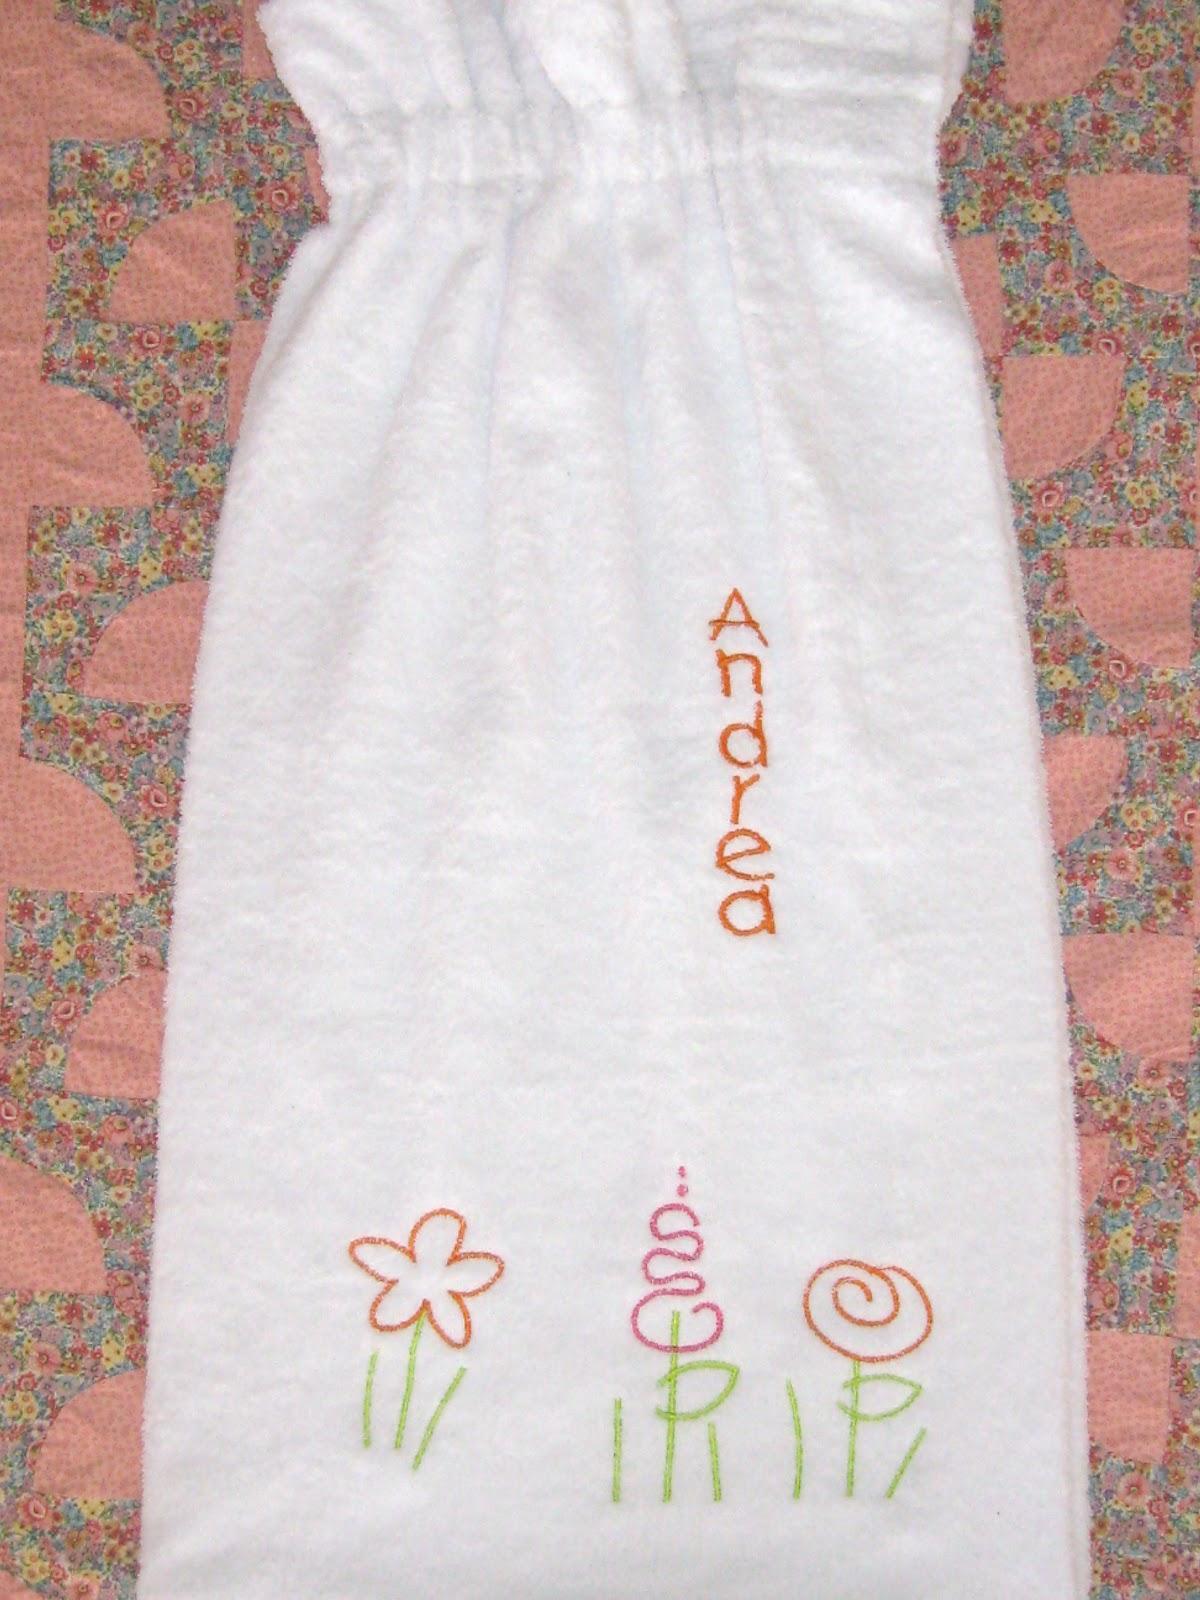 Toalla Baño Infantil:Este es el tradicional poncho, ideal para la piscina o climas fríos